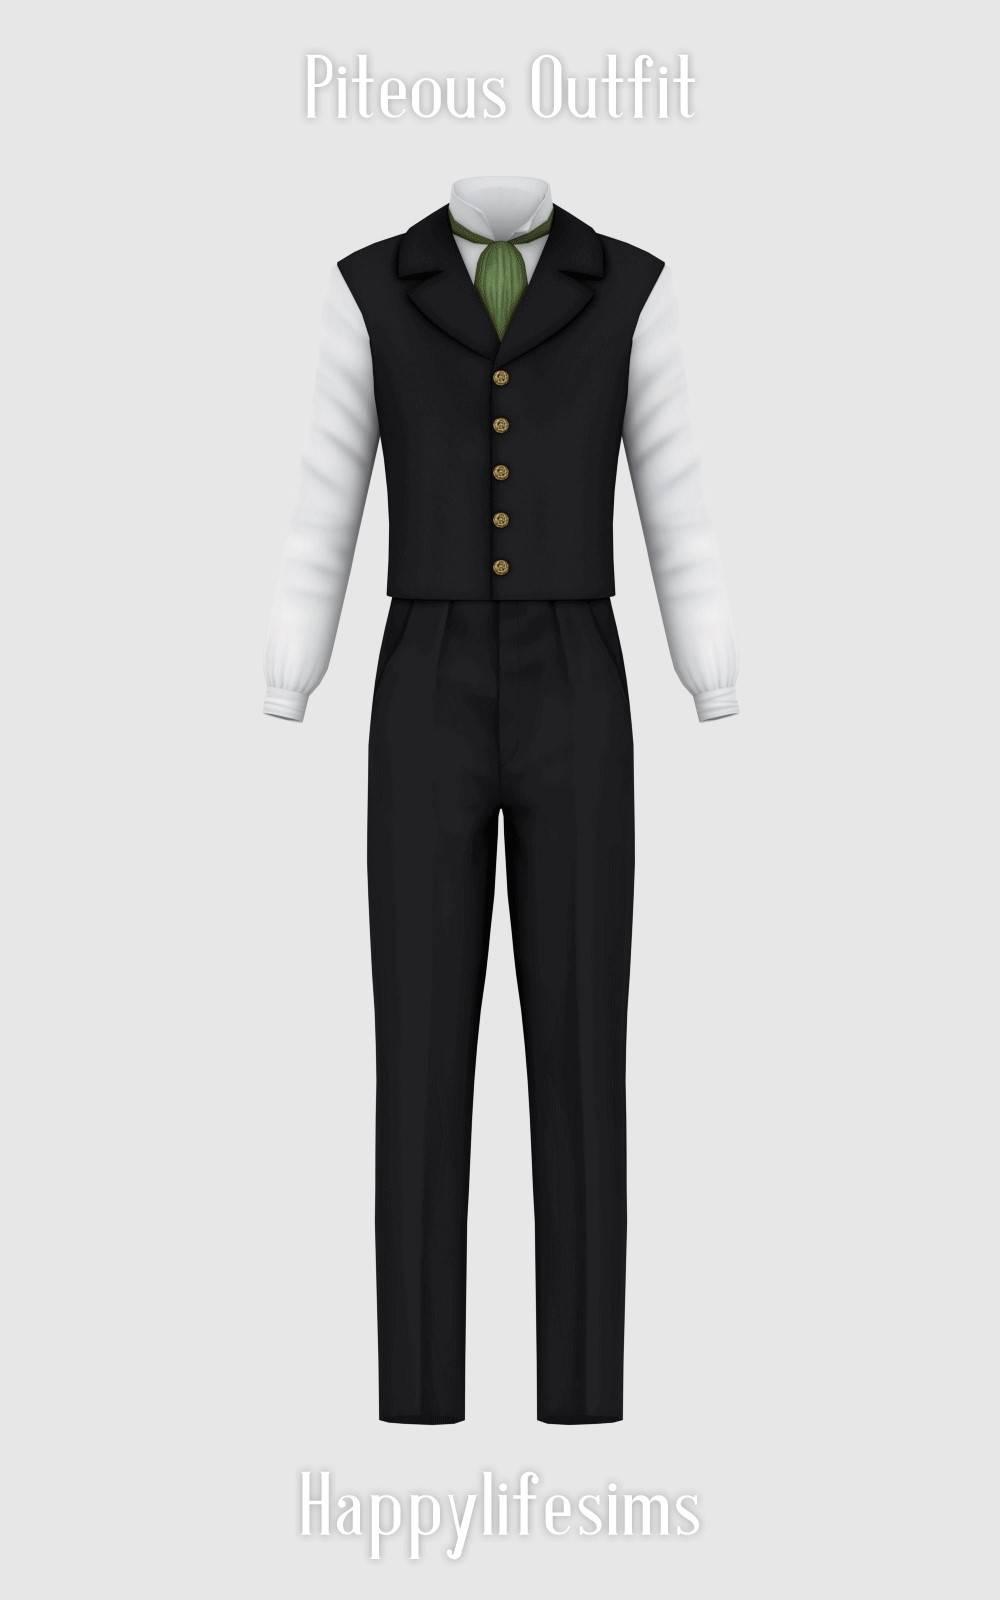 Мужской костюм - Piteous Outfit